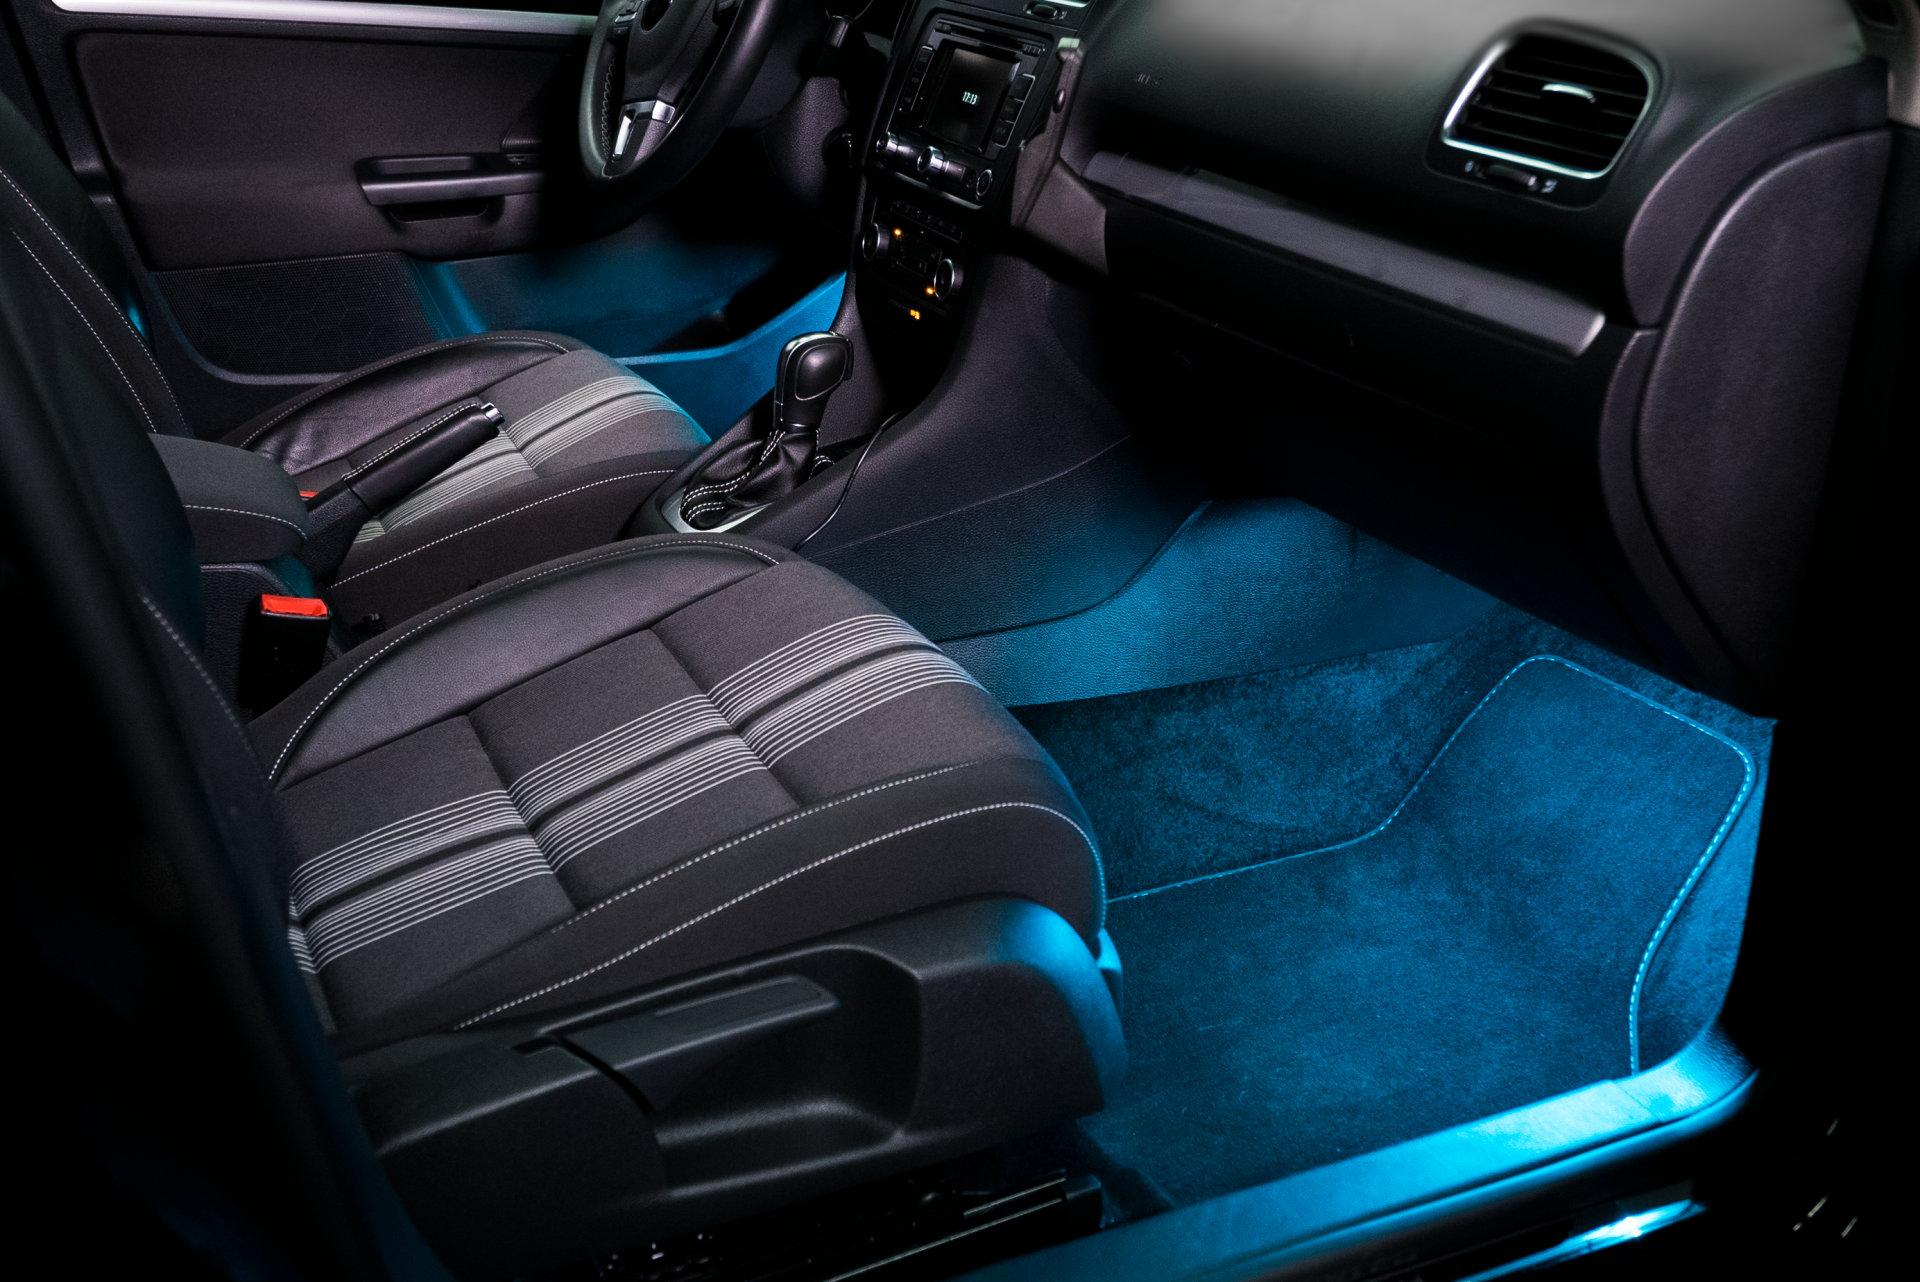 LED Automotive-Beleuchtung für Ihr Fahrzeug